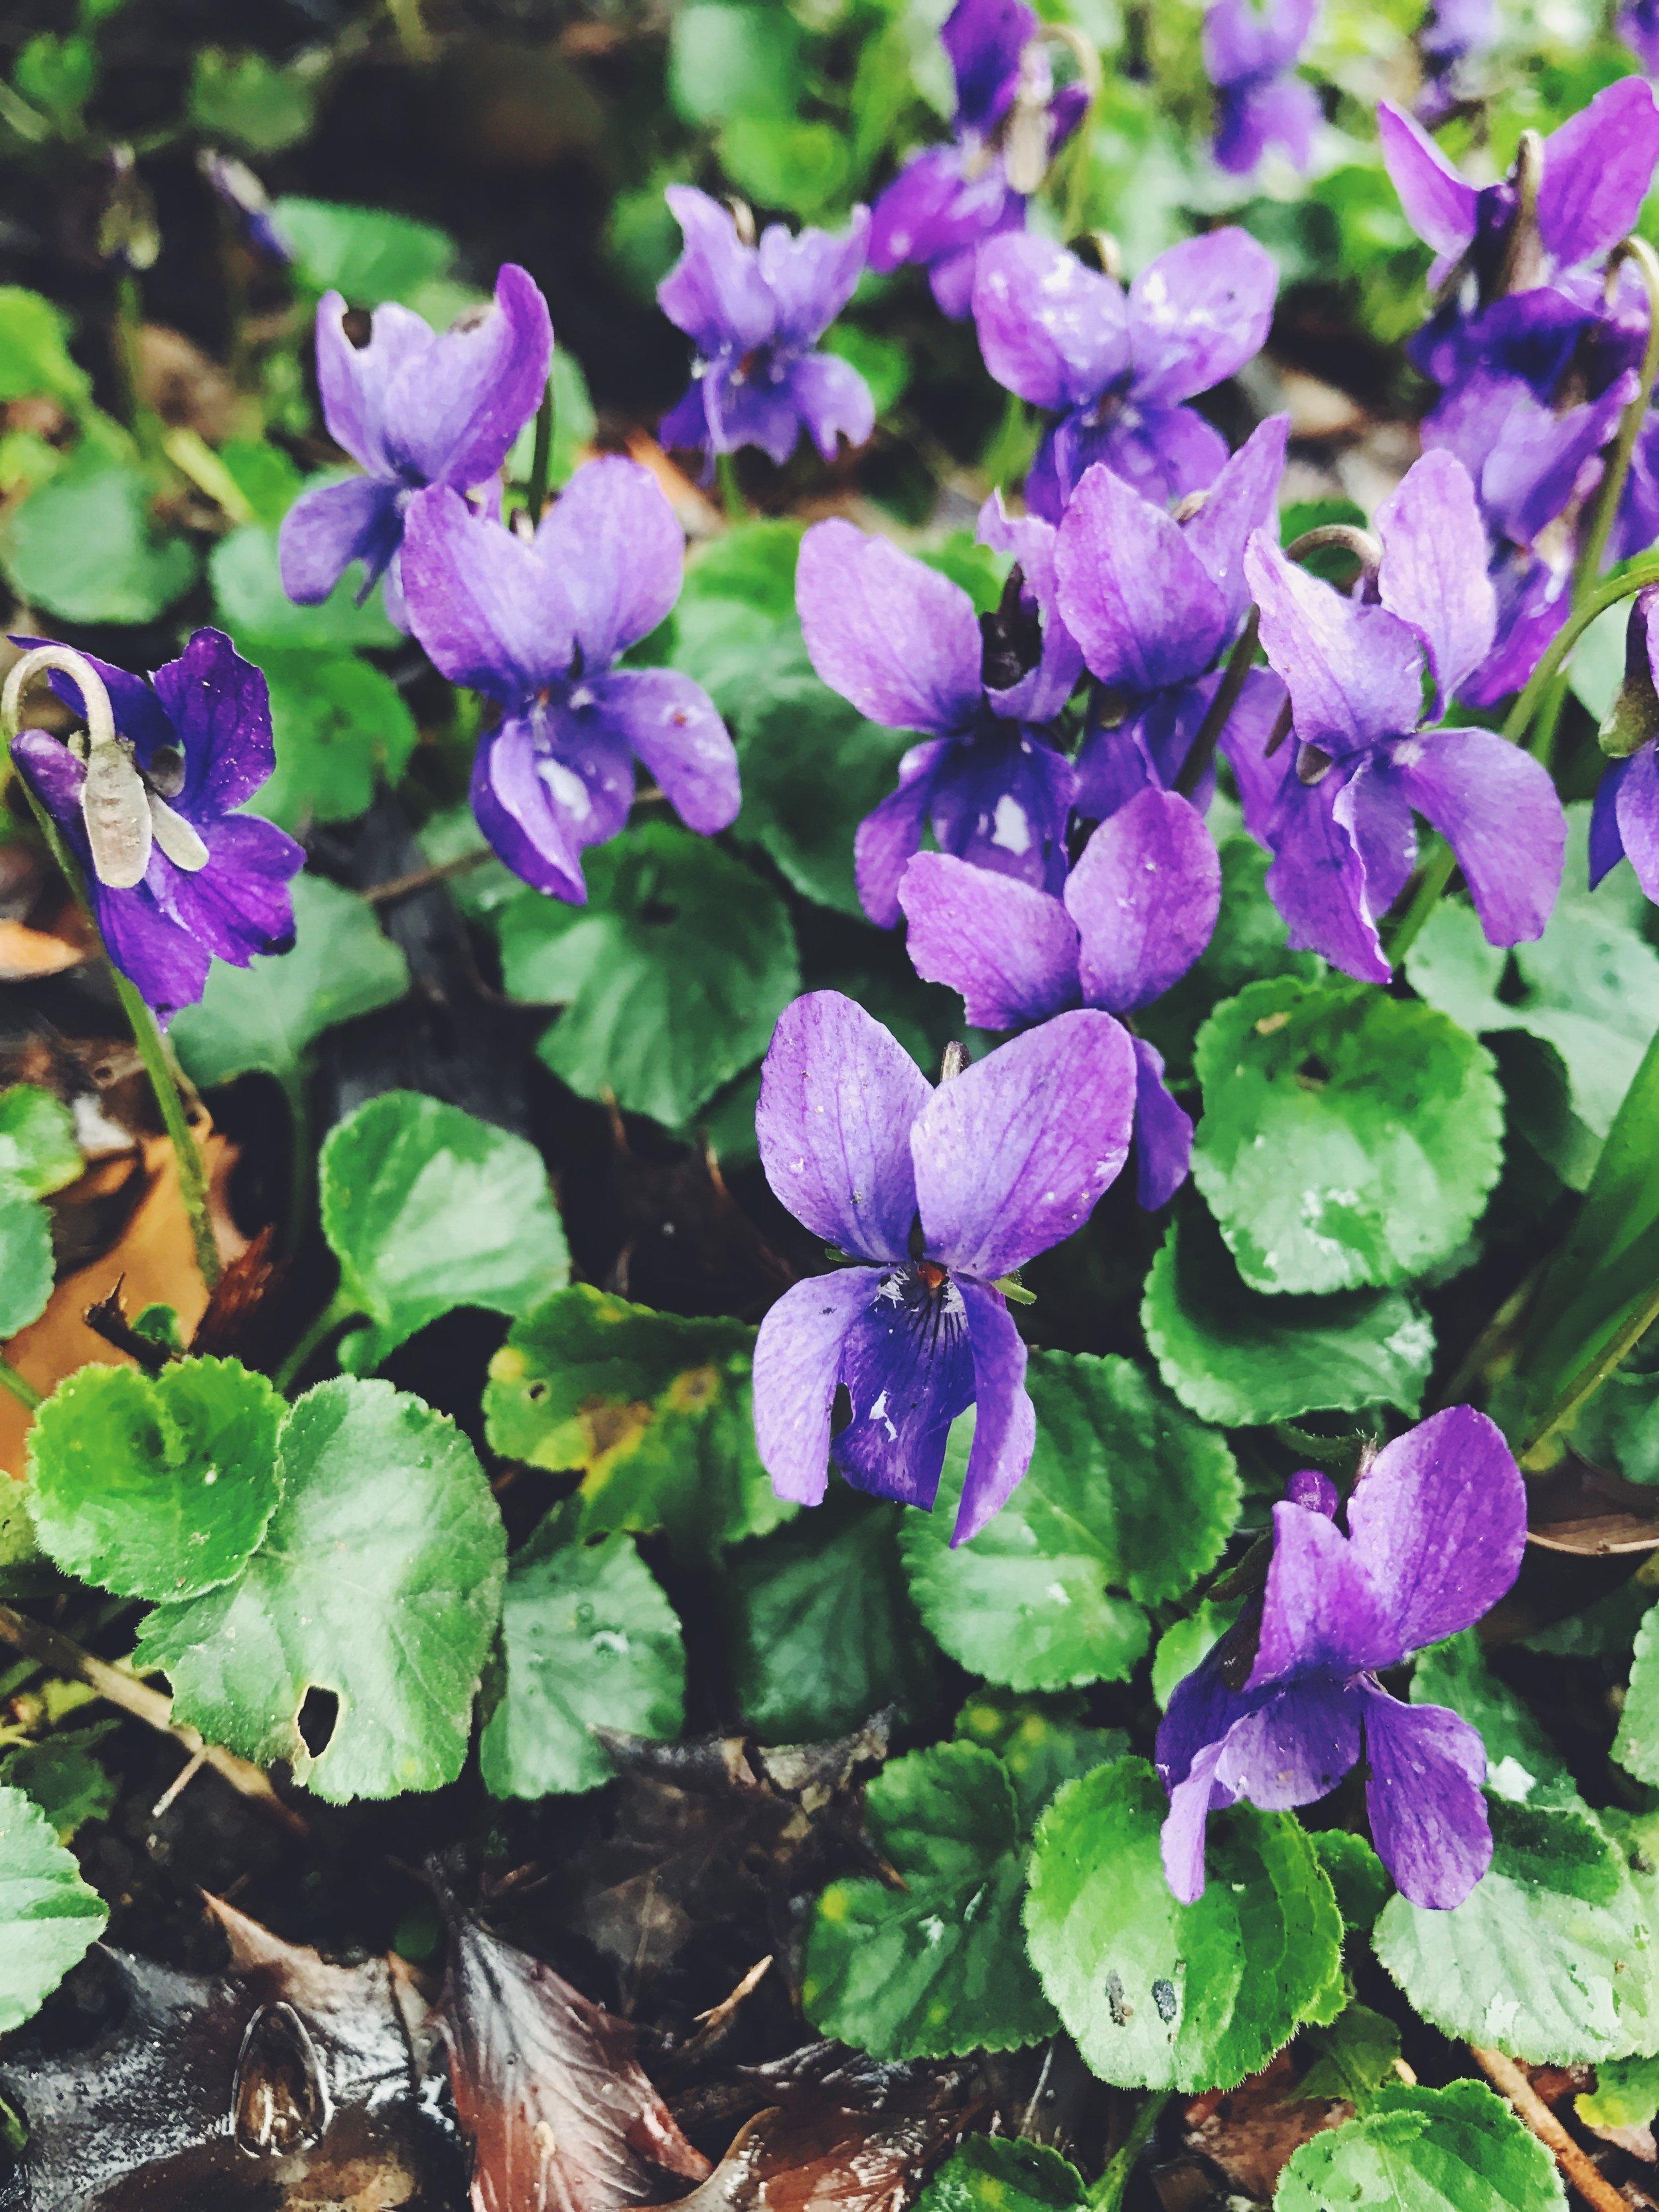 Sweet violets, little harbingers of spring.